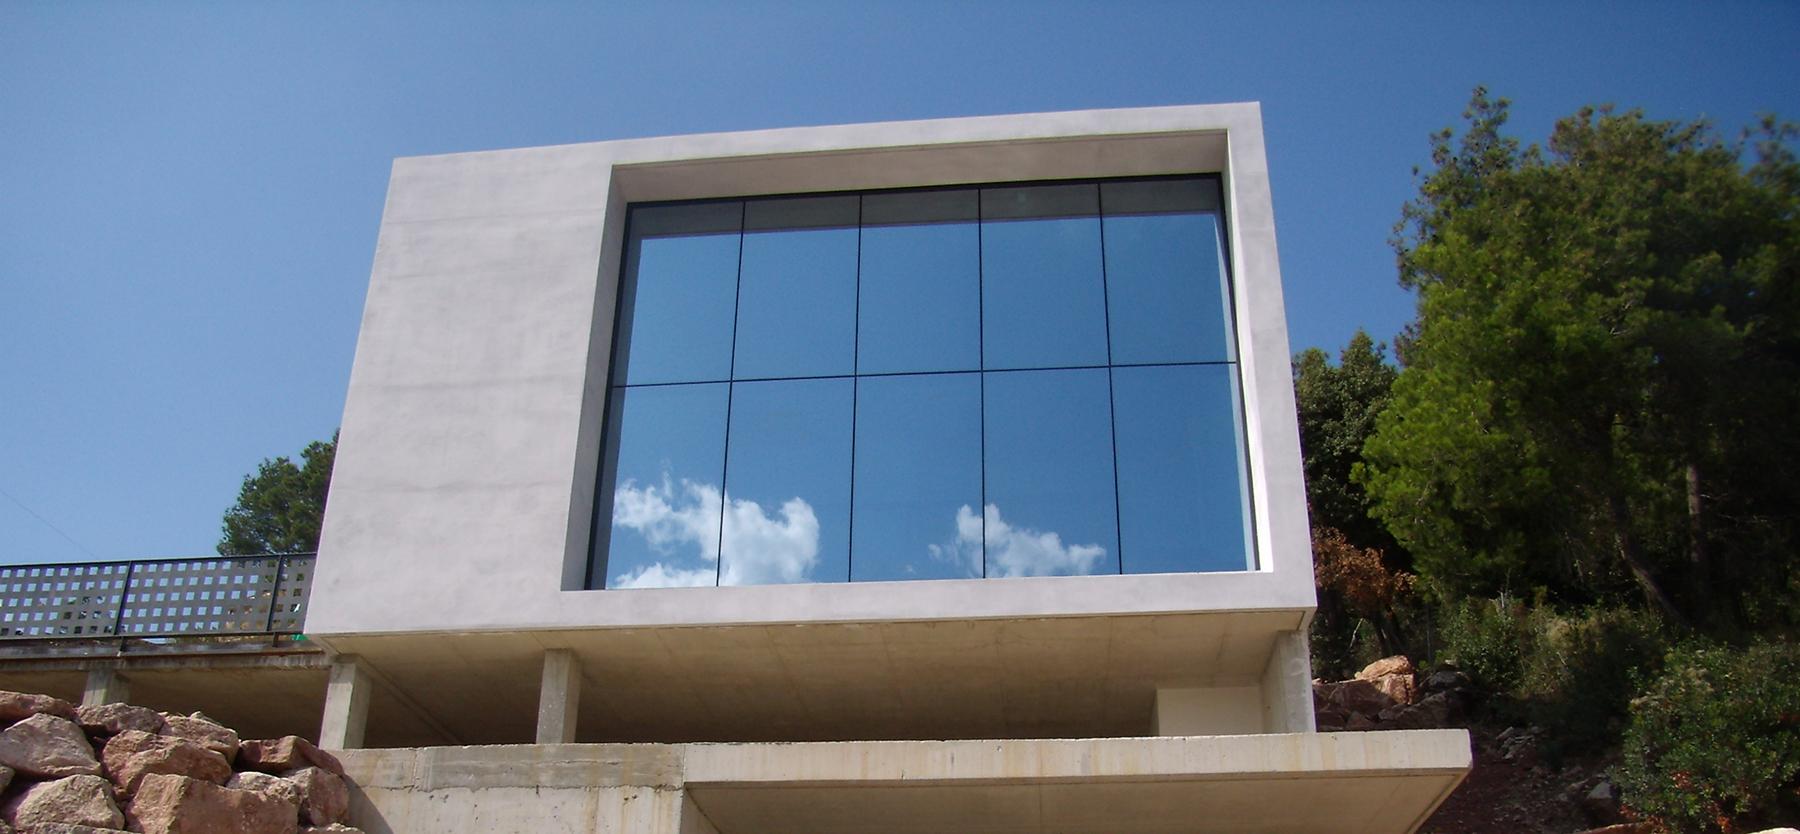 Bienvenidos a Alucondal: Carpintería de aluminio